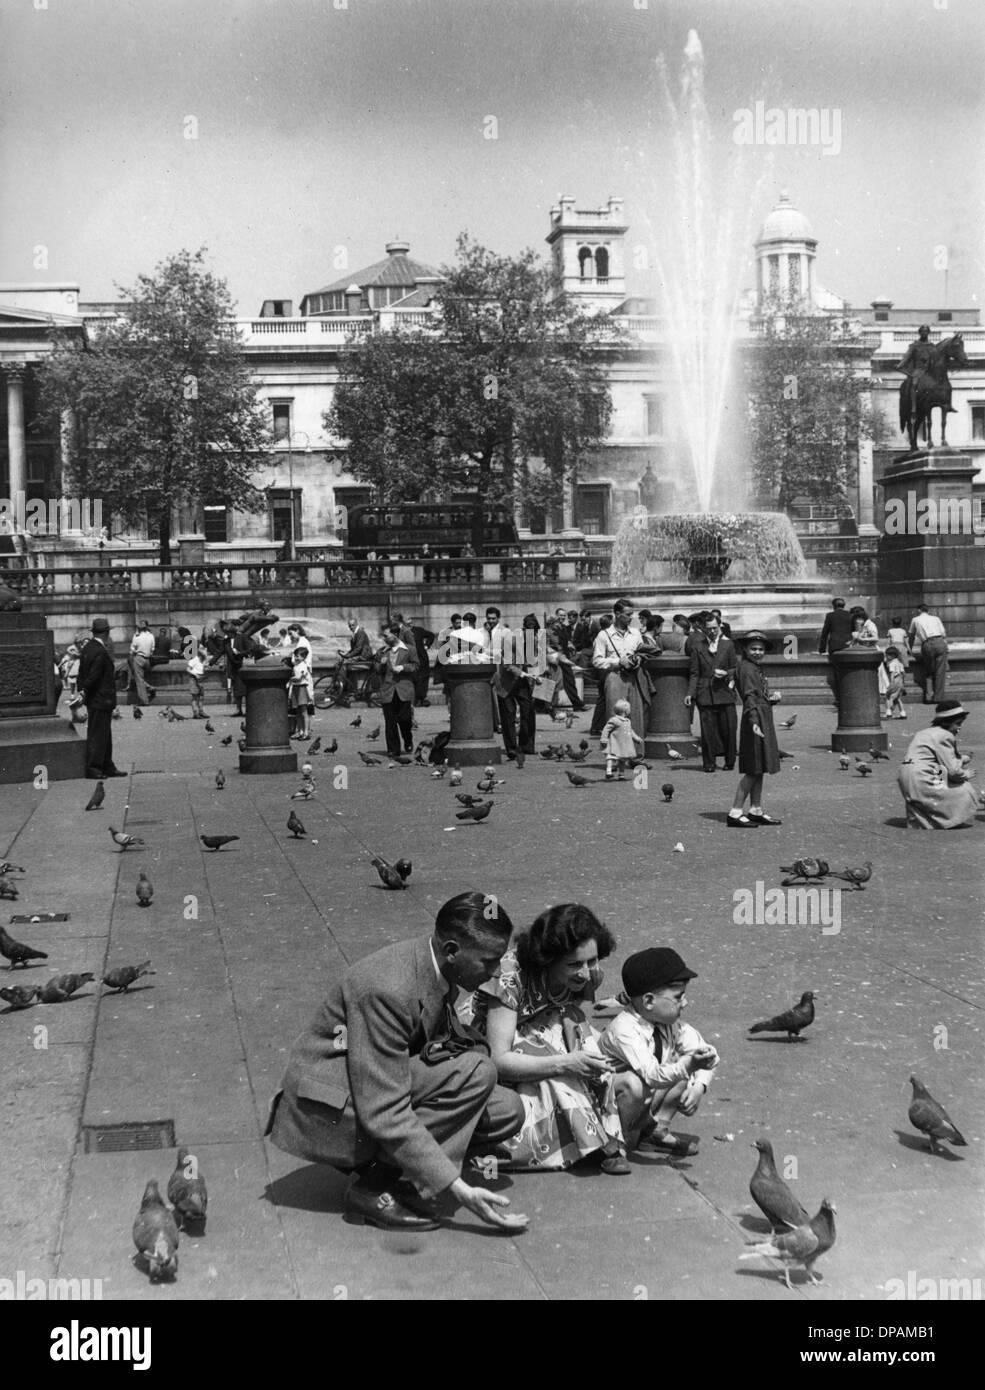 PIGEONS TRAFALGAR 1950 - Stock Image